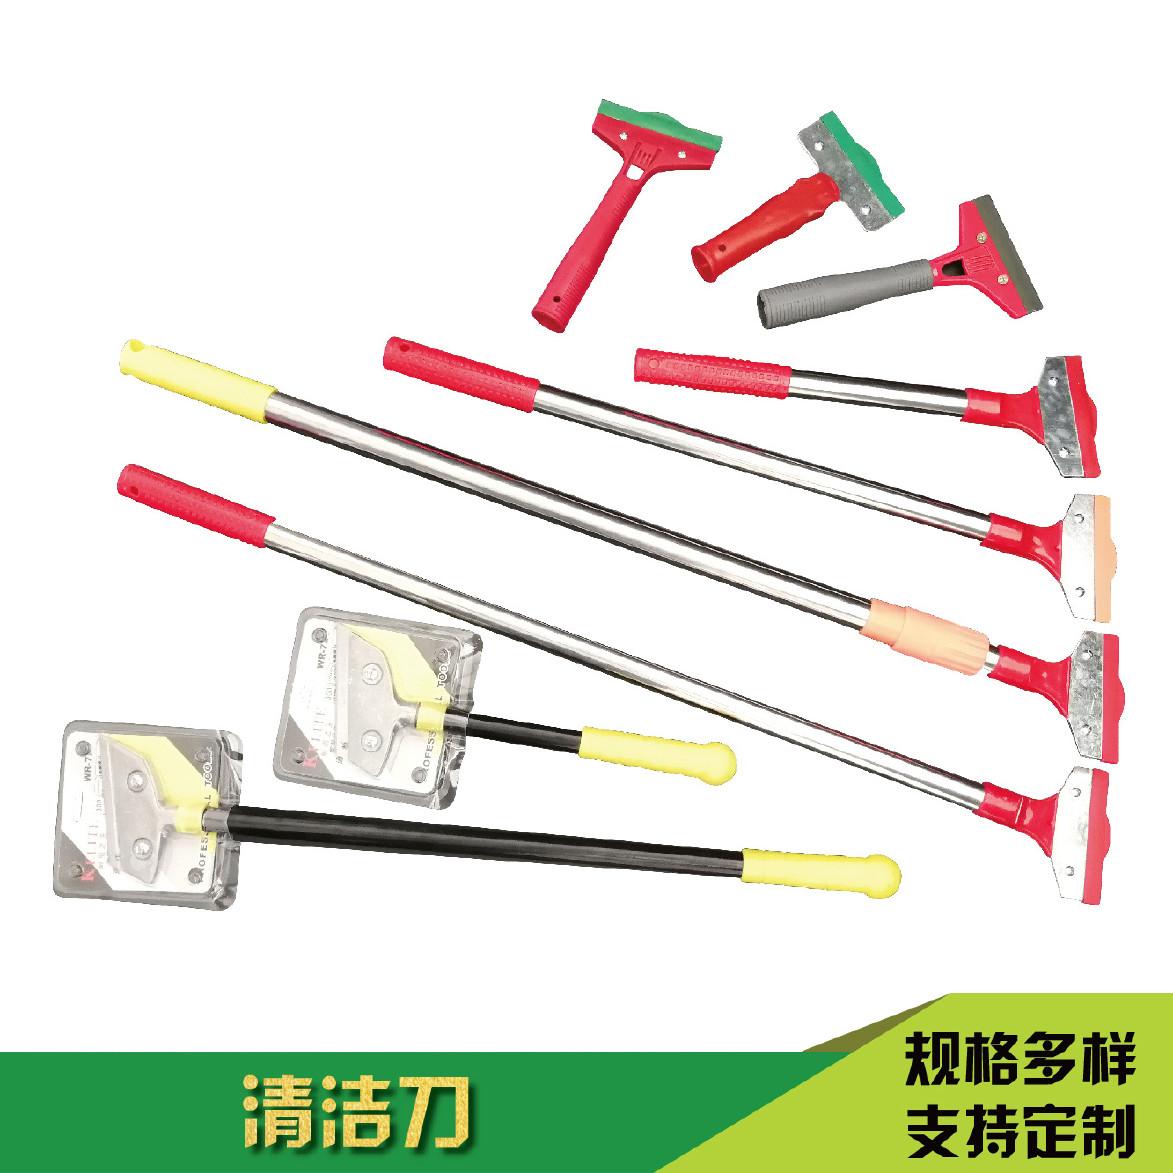 鋁合金清潔刀 耐用清潔刮刀 玻璃清潔刀 油灰刀 塑料清潔刀 鏟刀示例圖2